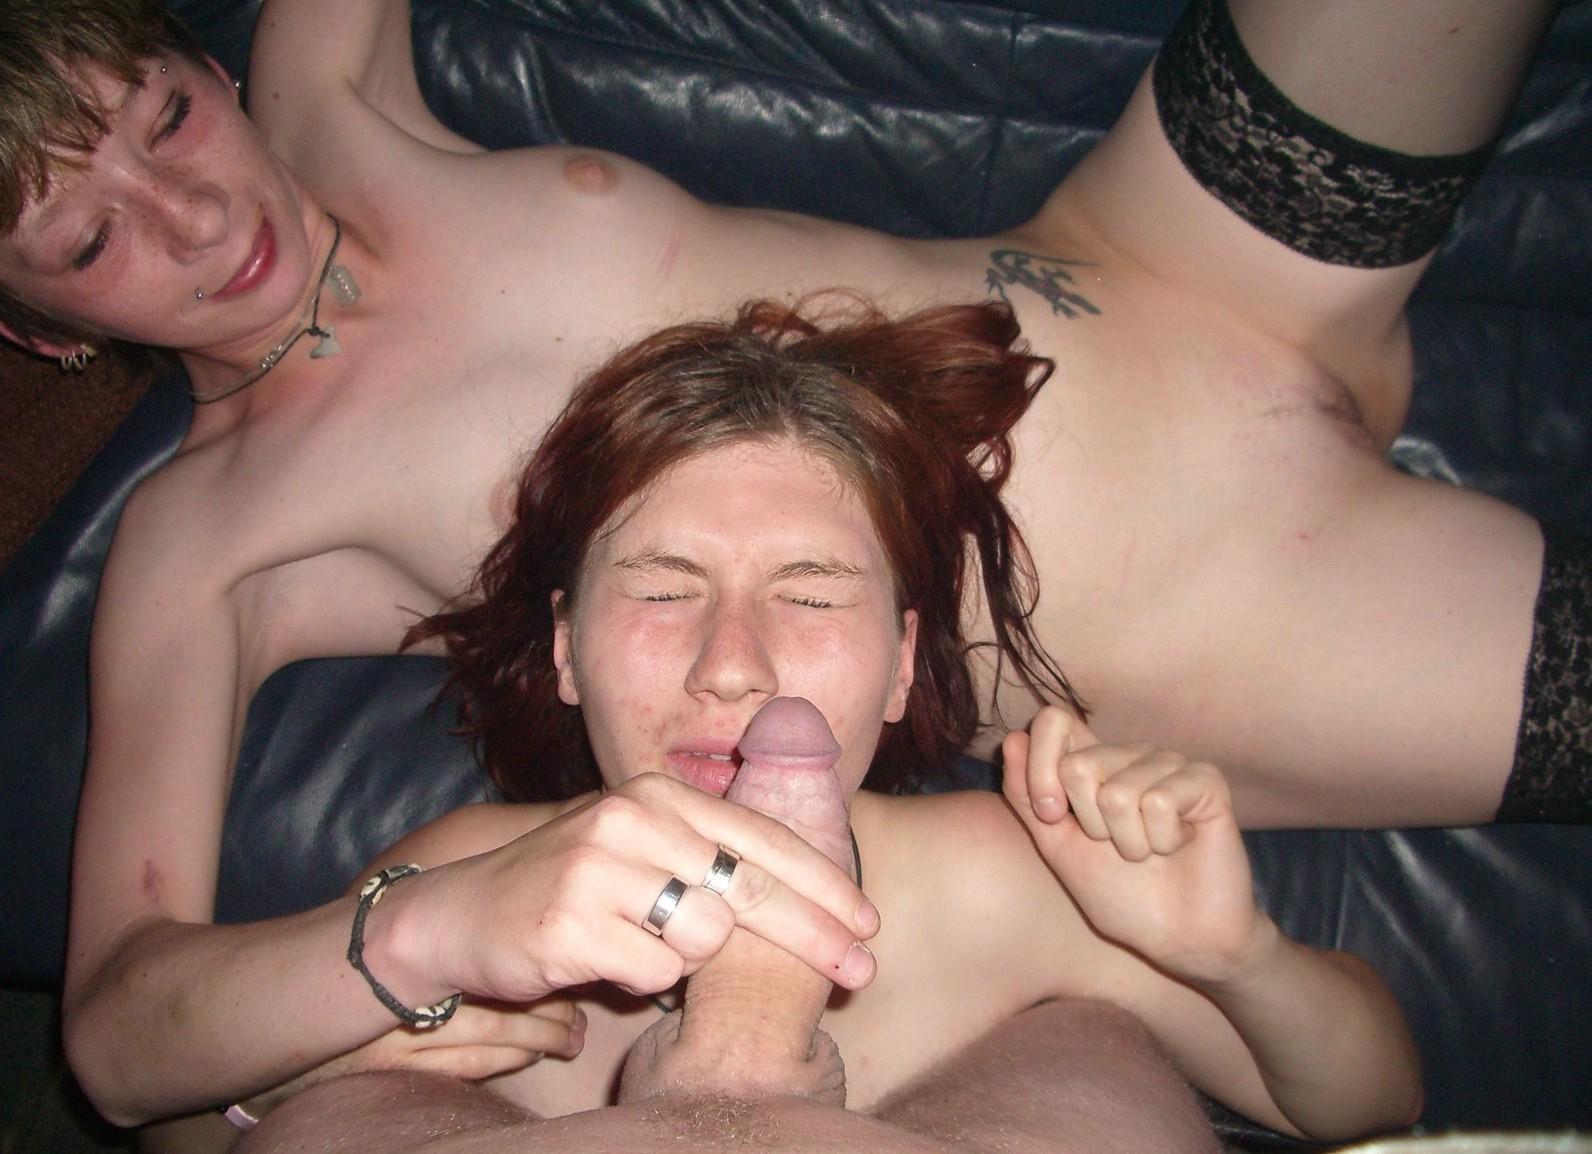 Й Видео Жена Пьяная Шлюха